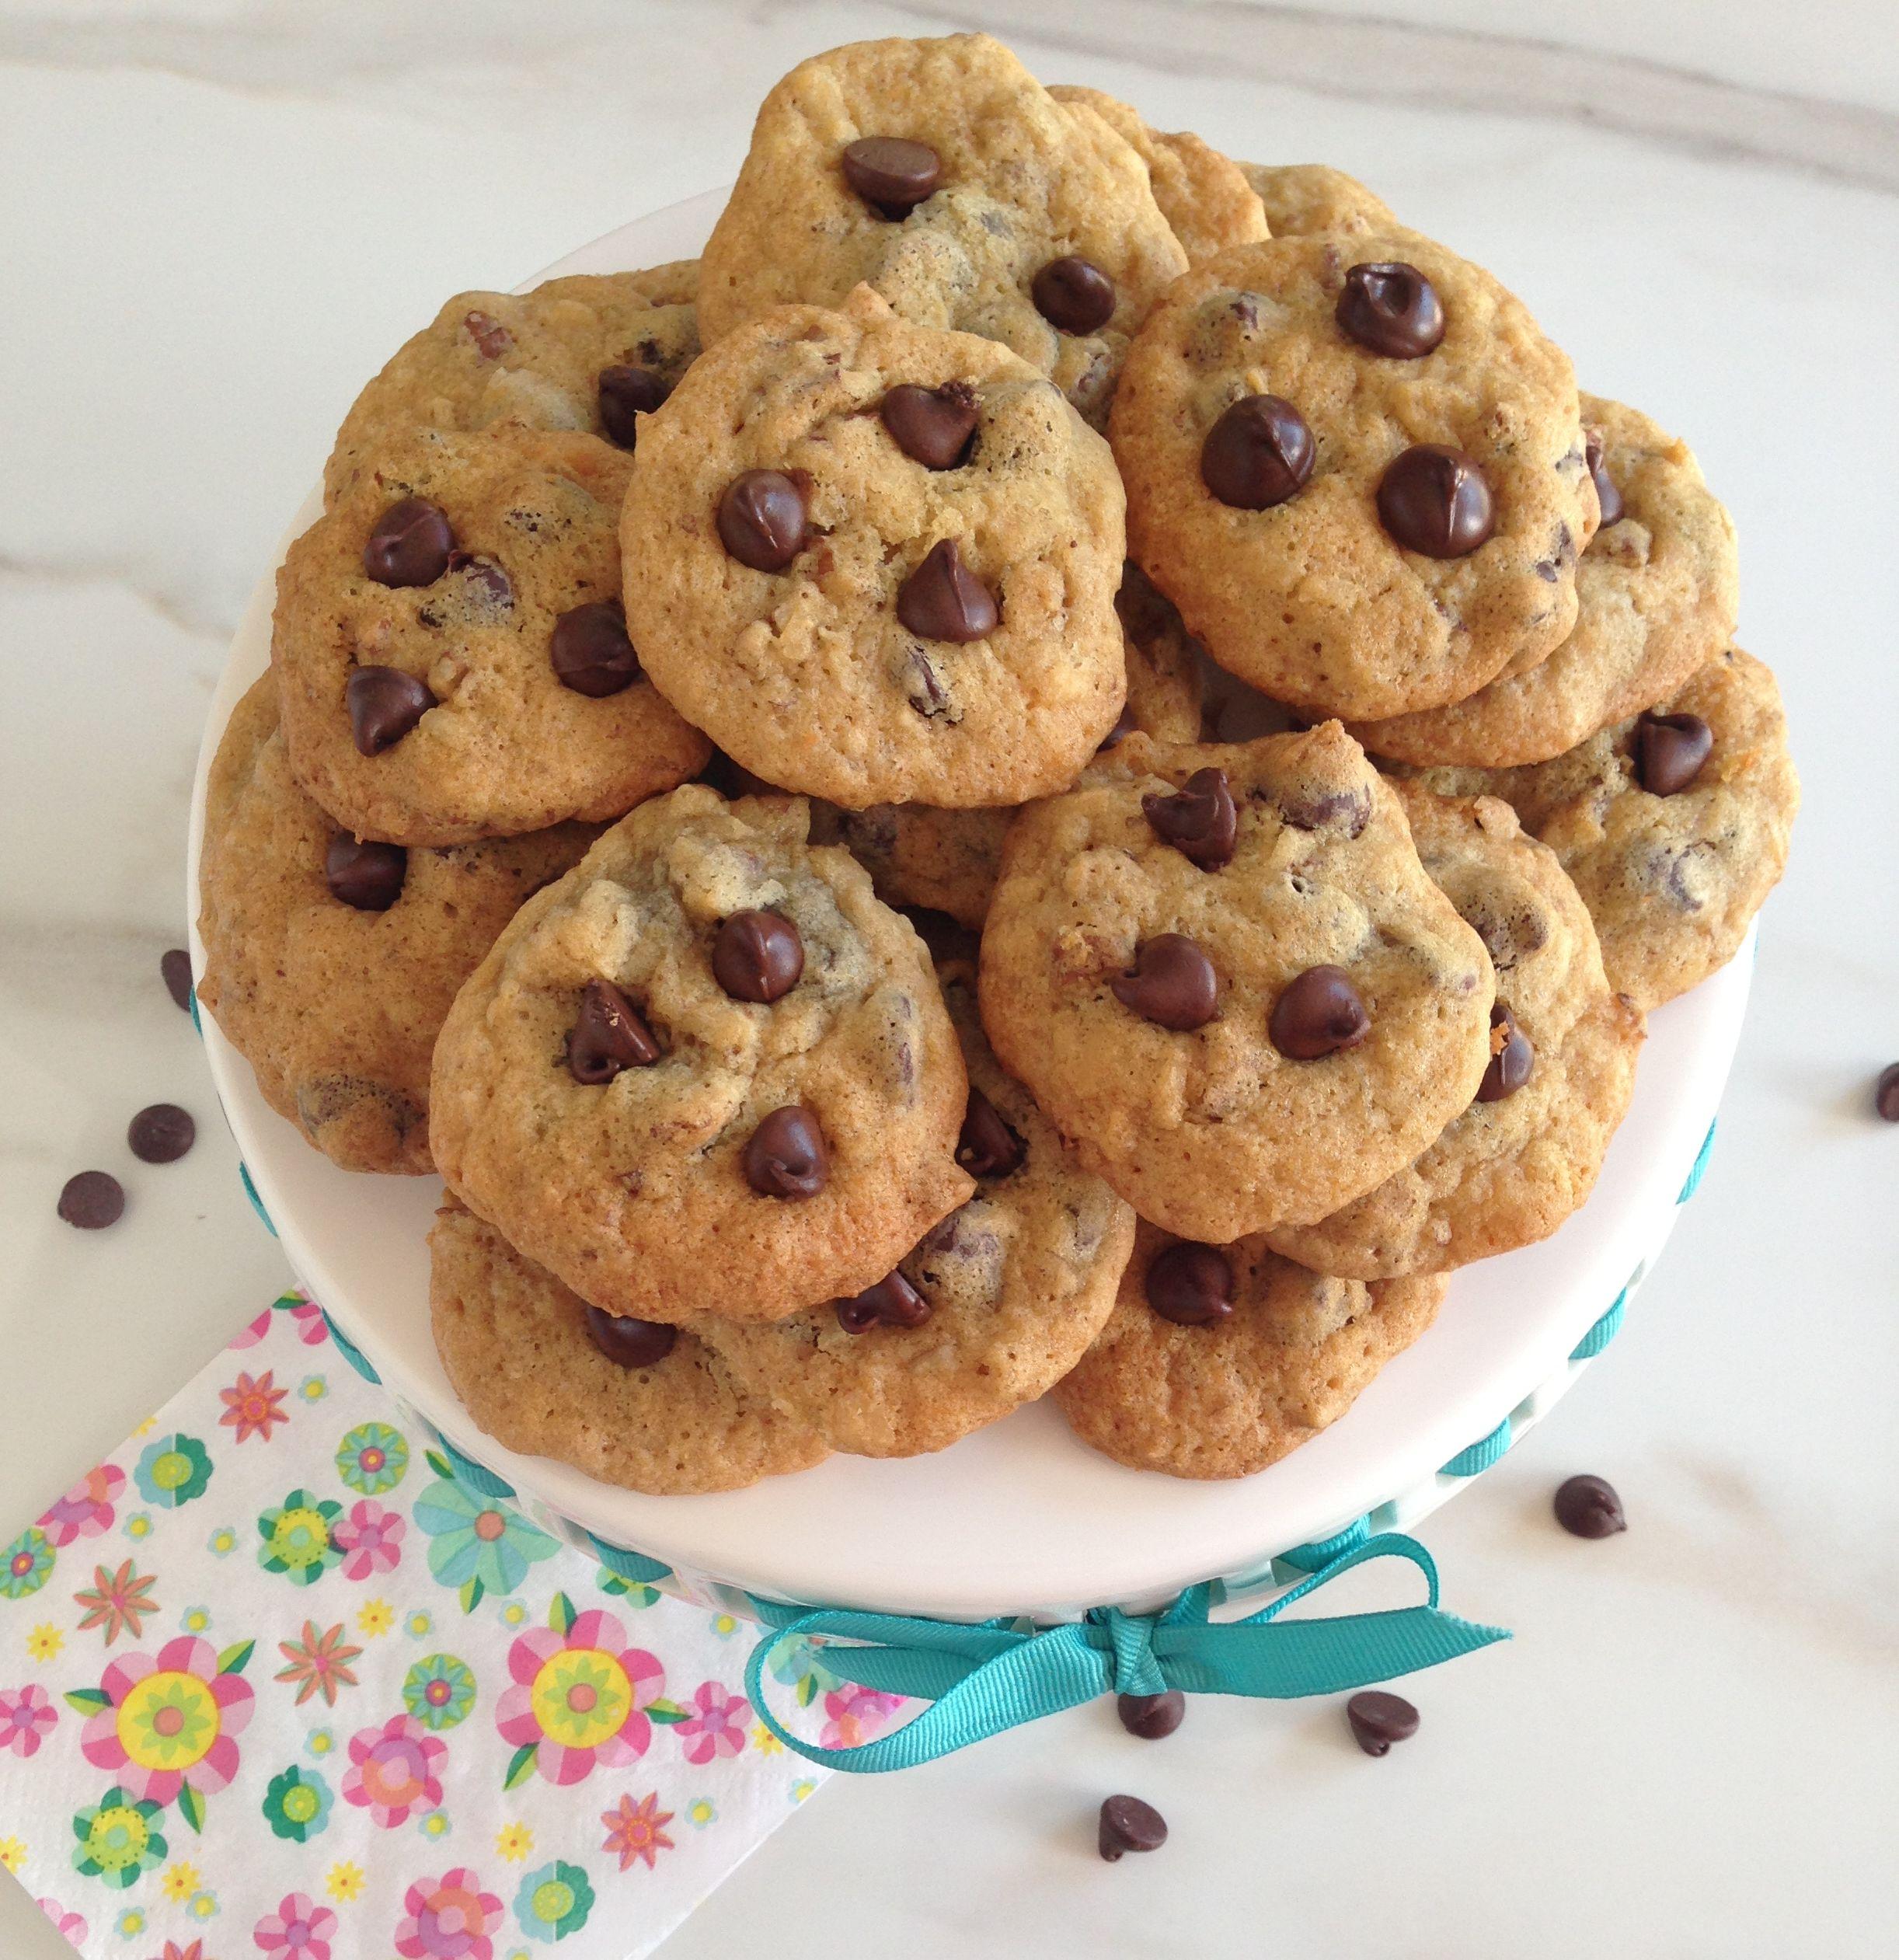 Coconut Pecan Dark Chocolate Chip Cookies